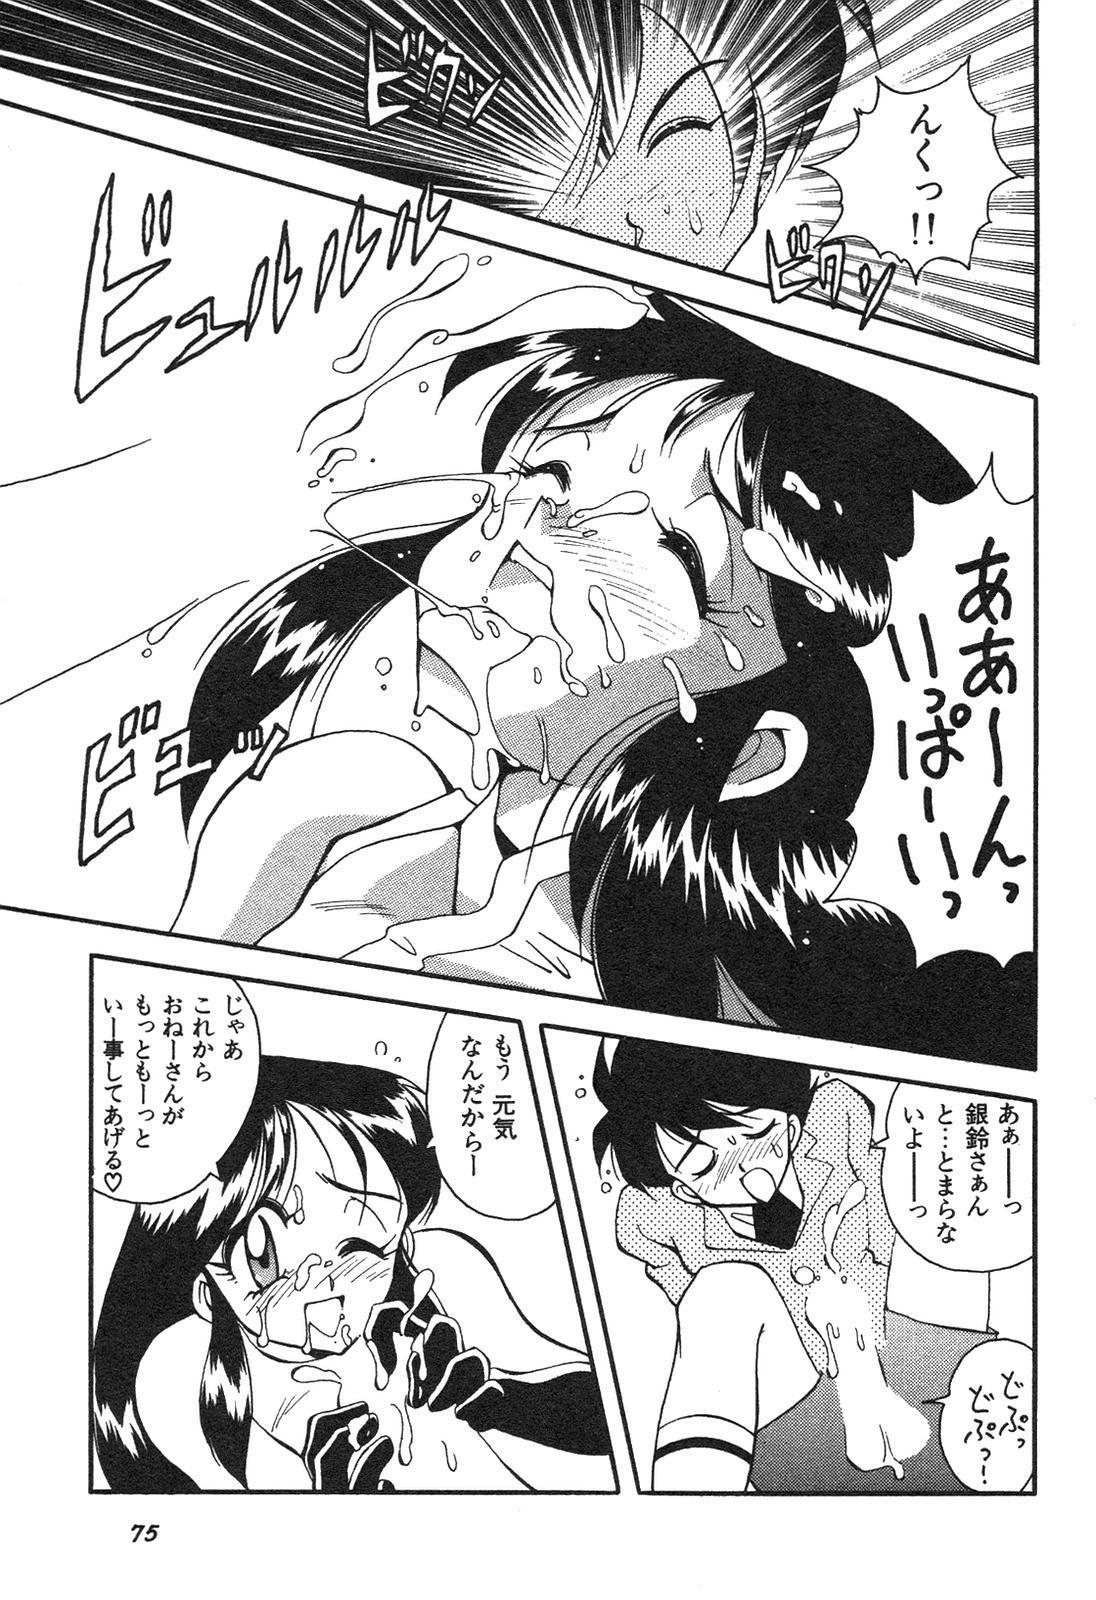 Shin Bishoujo Shoukougun 3 Yamato hen 75